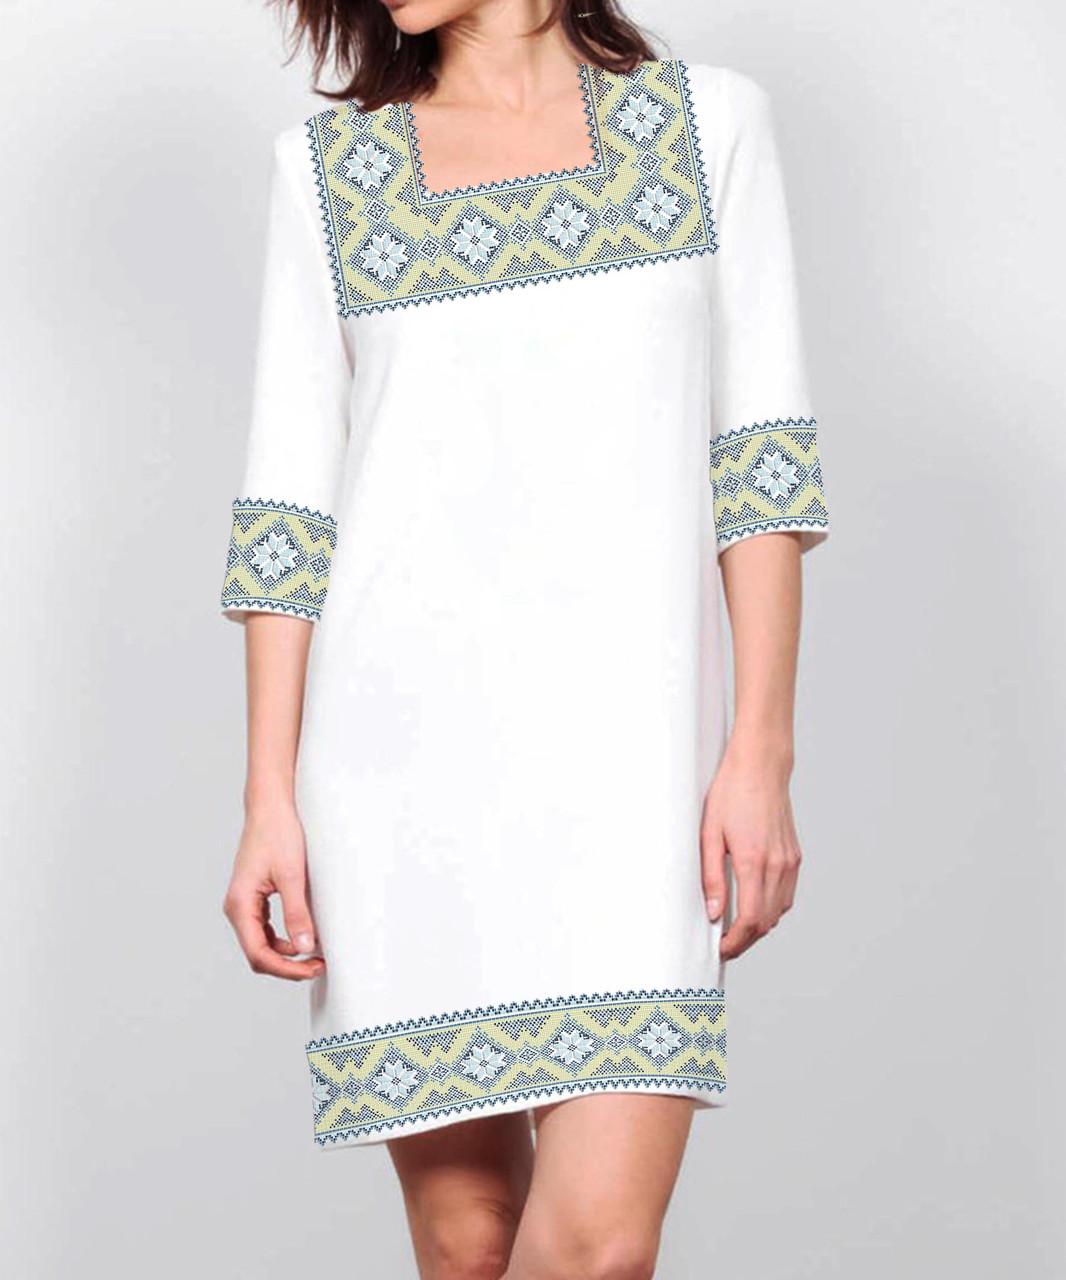 Заготовка жіночого плаття чи сукні для вишивки та вишивання бісером Бисерок  «Золотий орнамент 71» (П-71 )